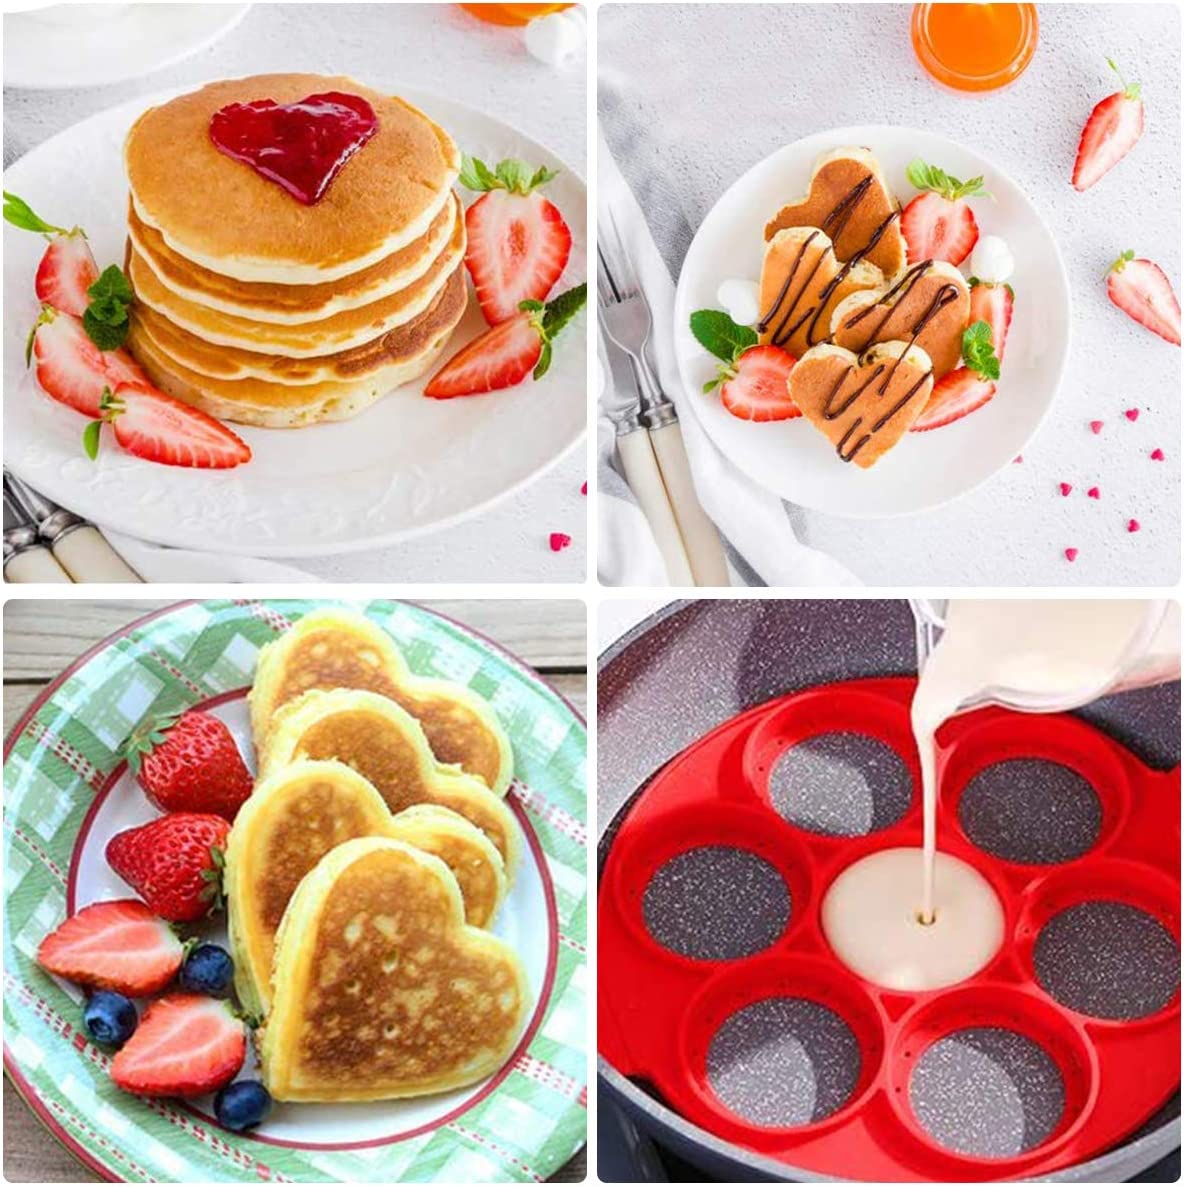 2 St/ücke Wiederverwendbar Auslaufsichere Pfannkuchenformen Multifunktional Breakfast Pancake Shaper Ledeak Nonstick Silikon Ei Ring Pfannkuchen Form